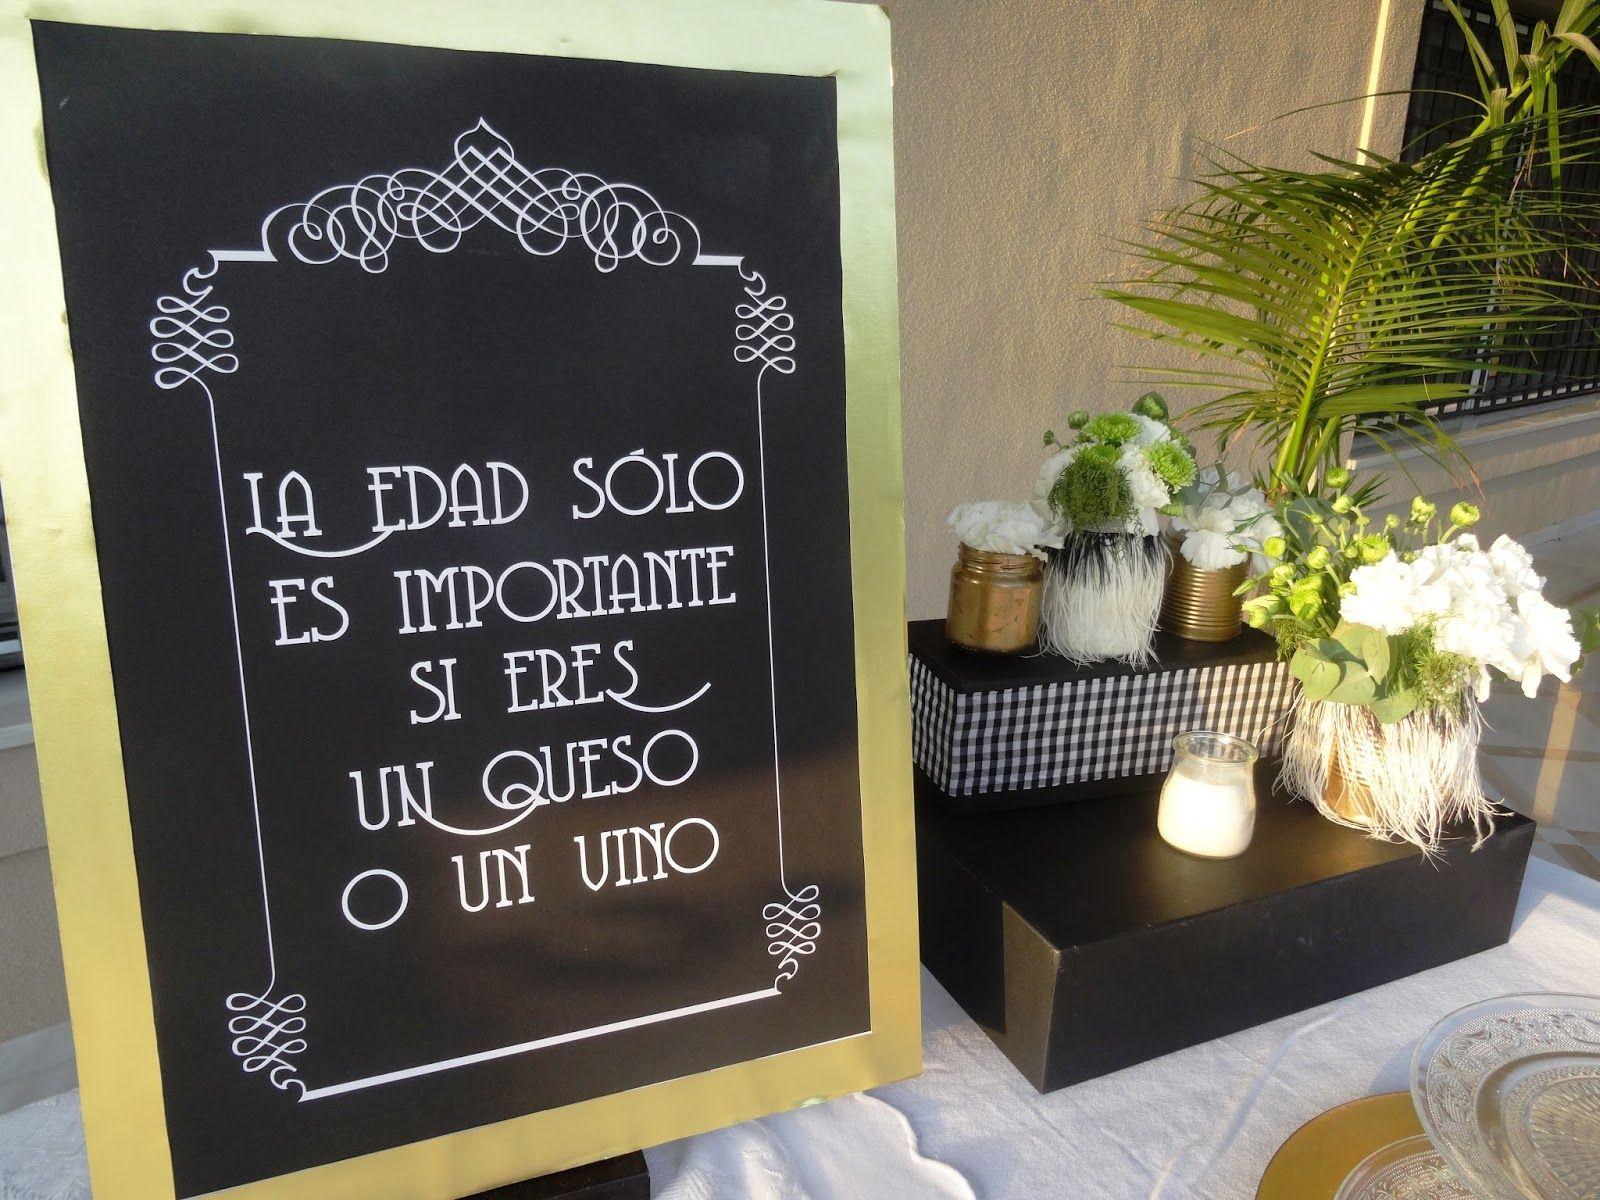 Wedding planner organizaci n y decoraci n de eventos en alicante decoracion mesa cumplea os - Decoracion alicante ...